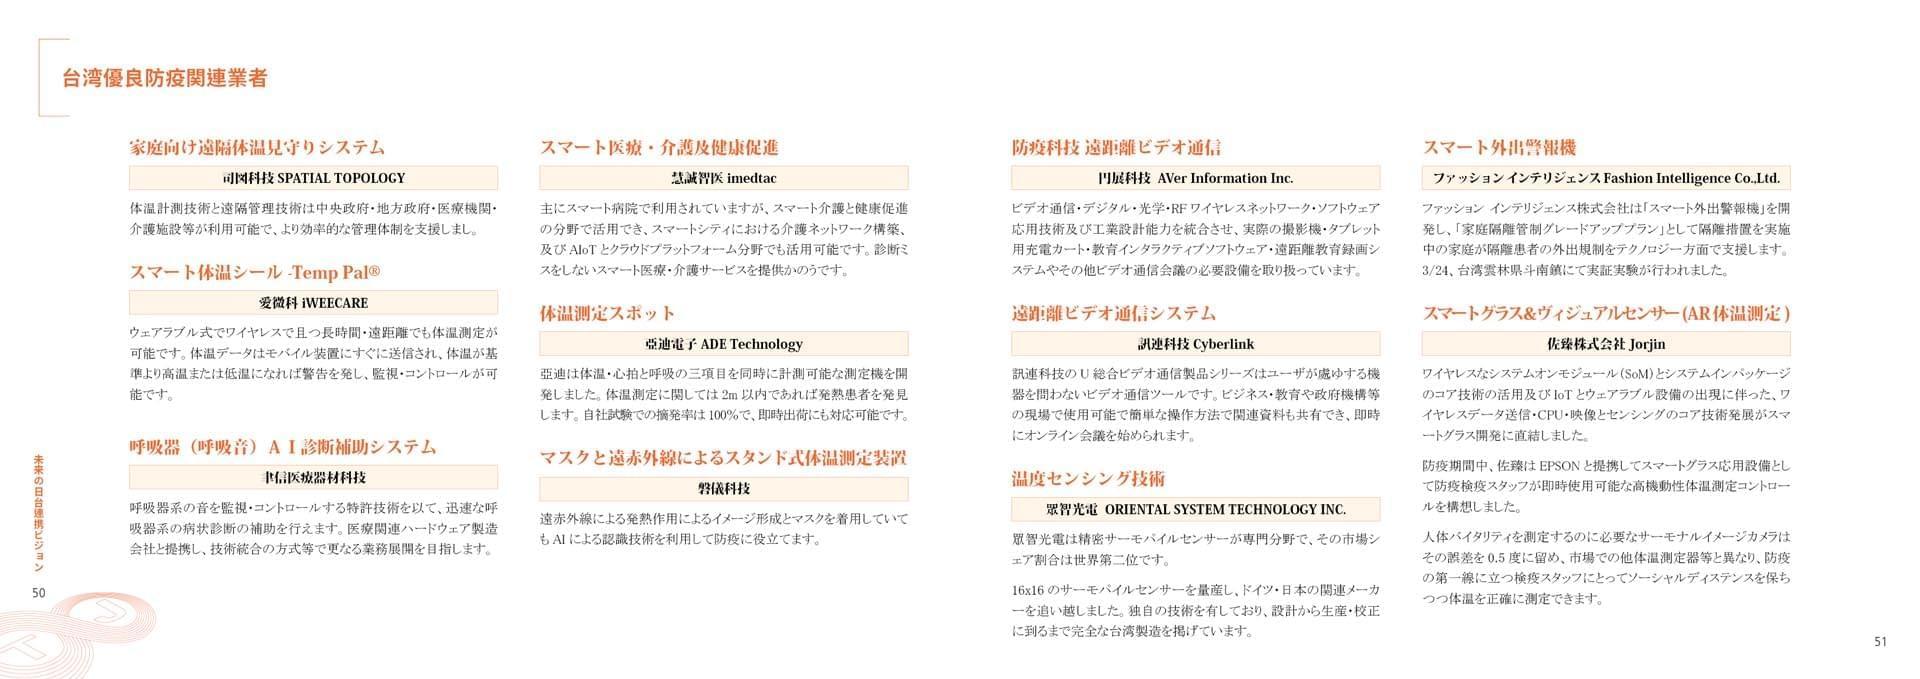 台日型錄-日文版60頁-第二次修改070228